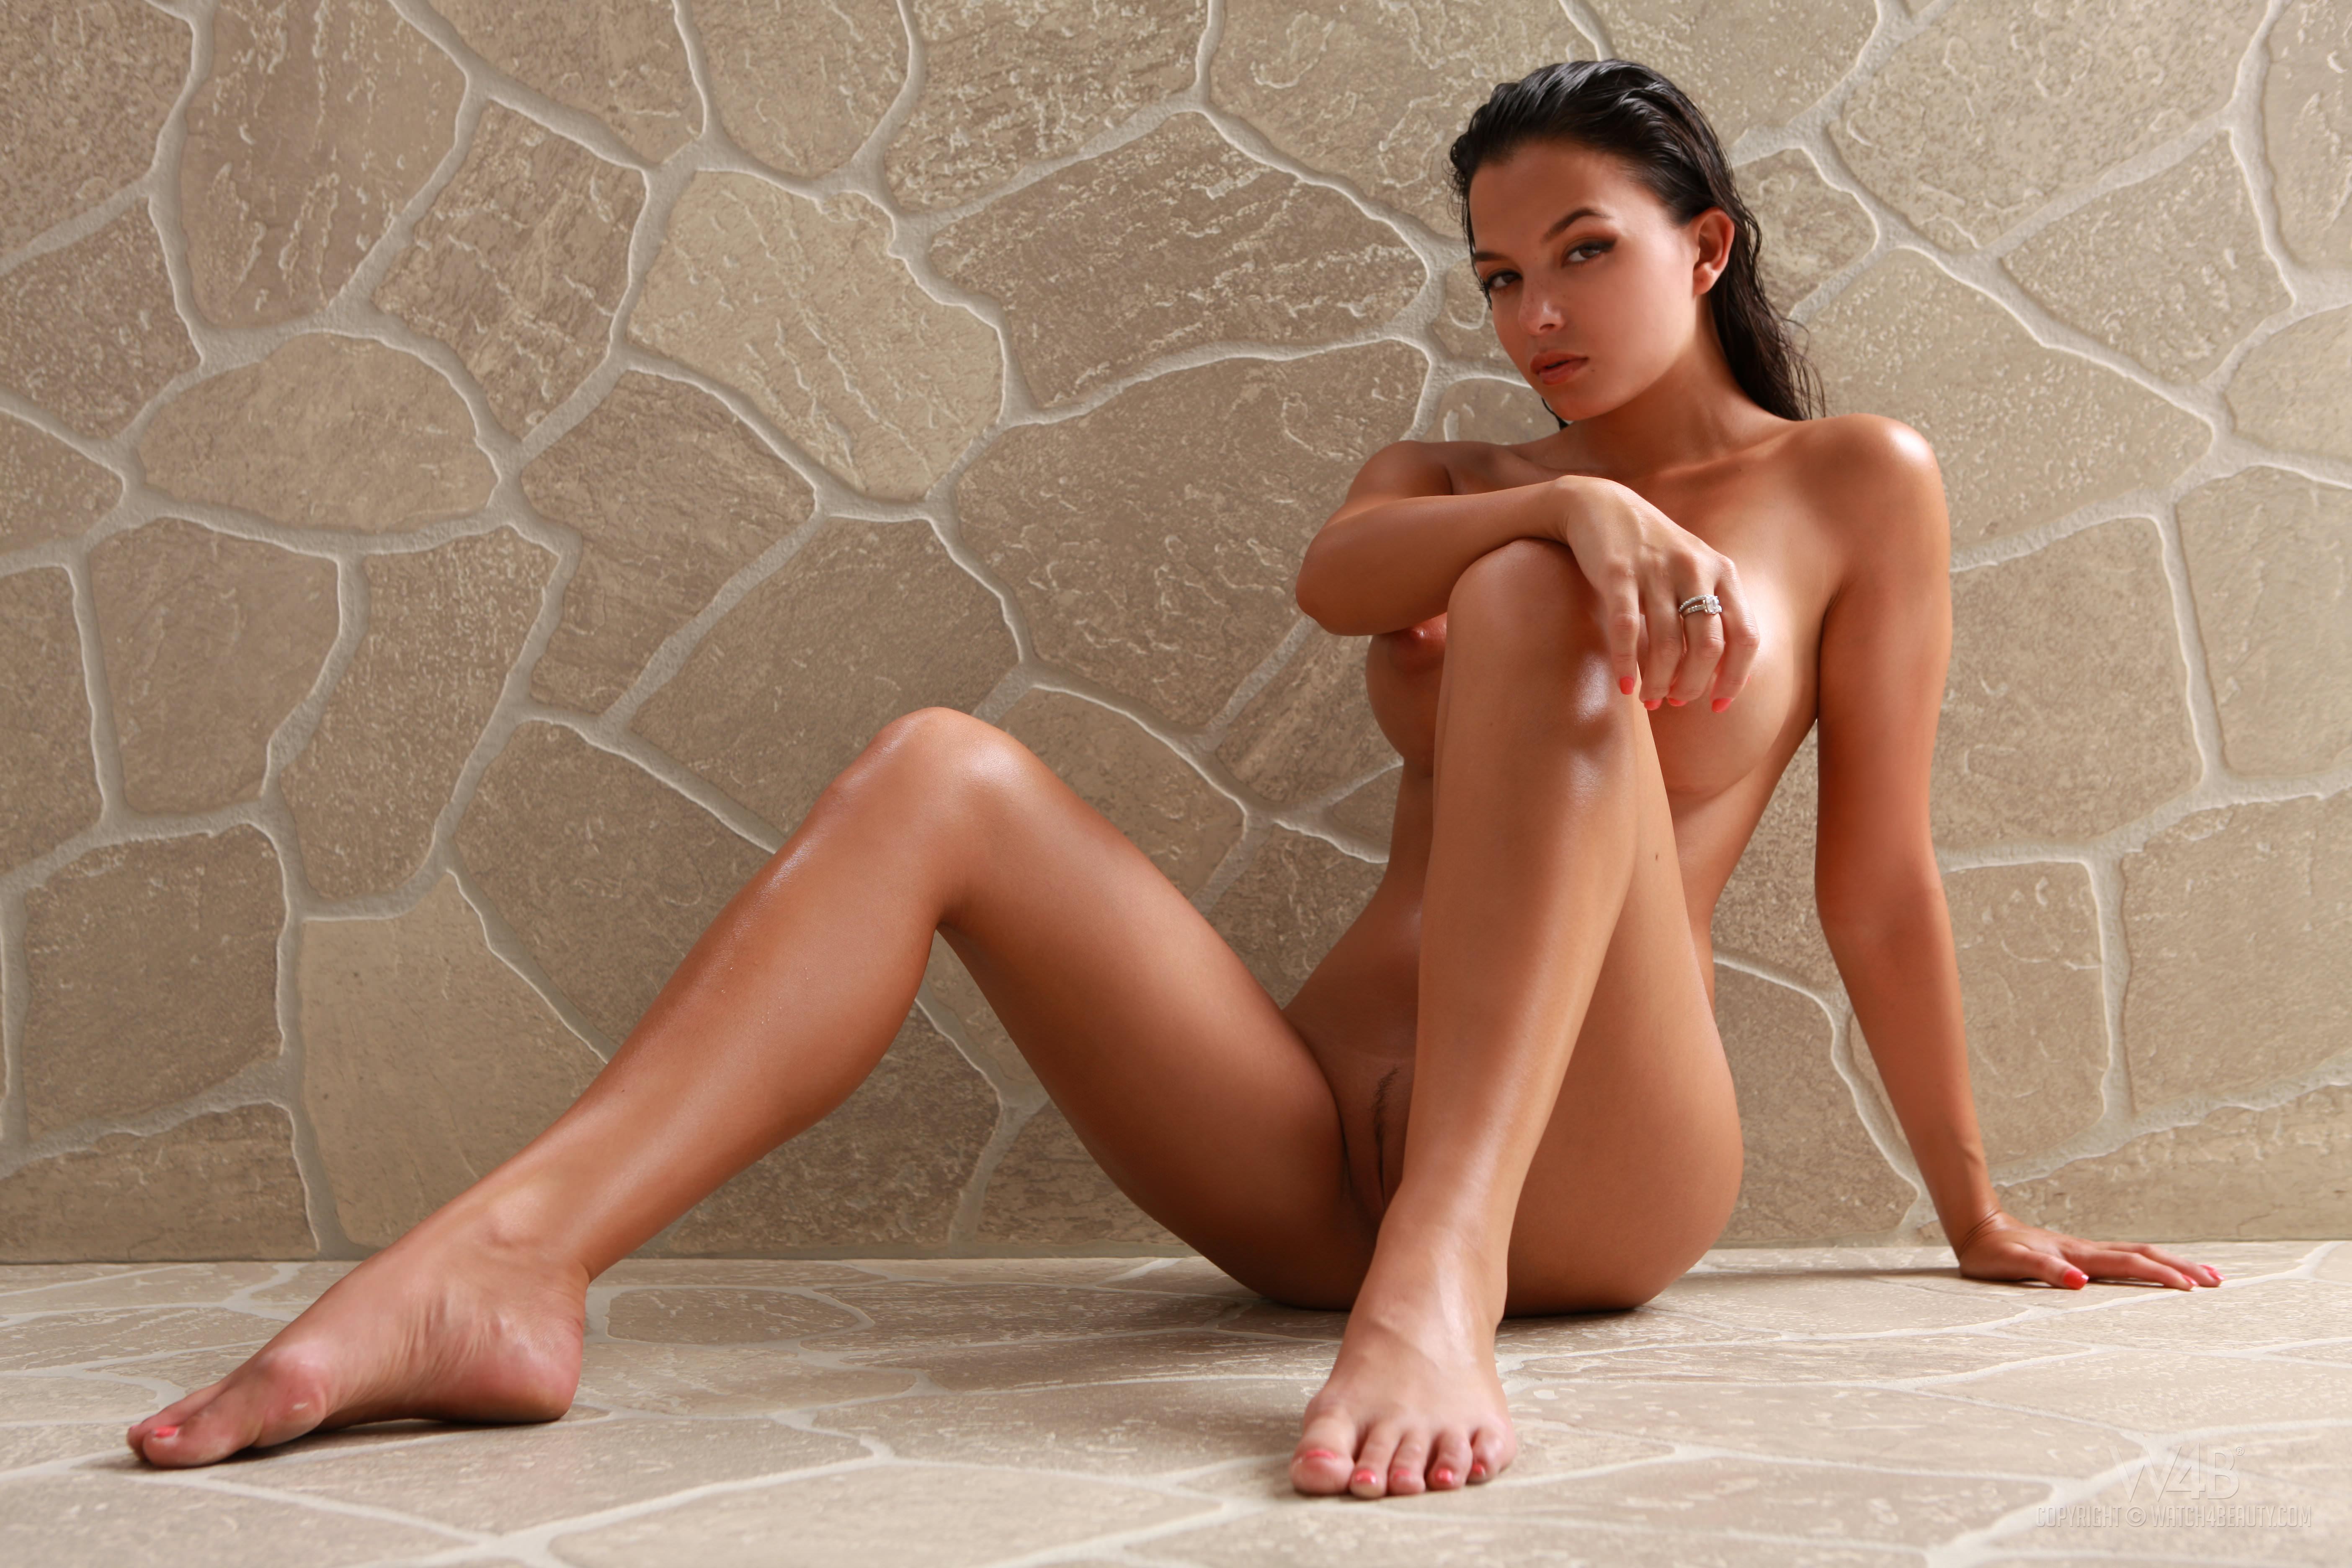 sasha cane nackt im freien